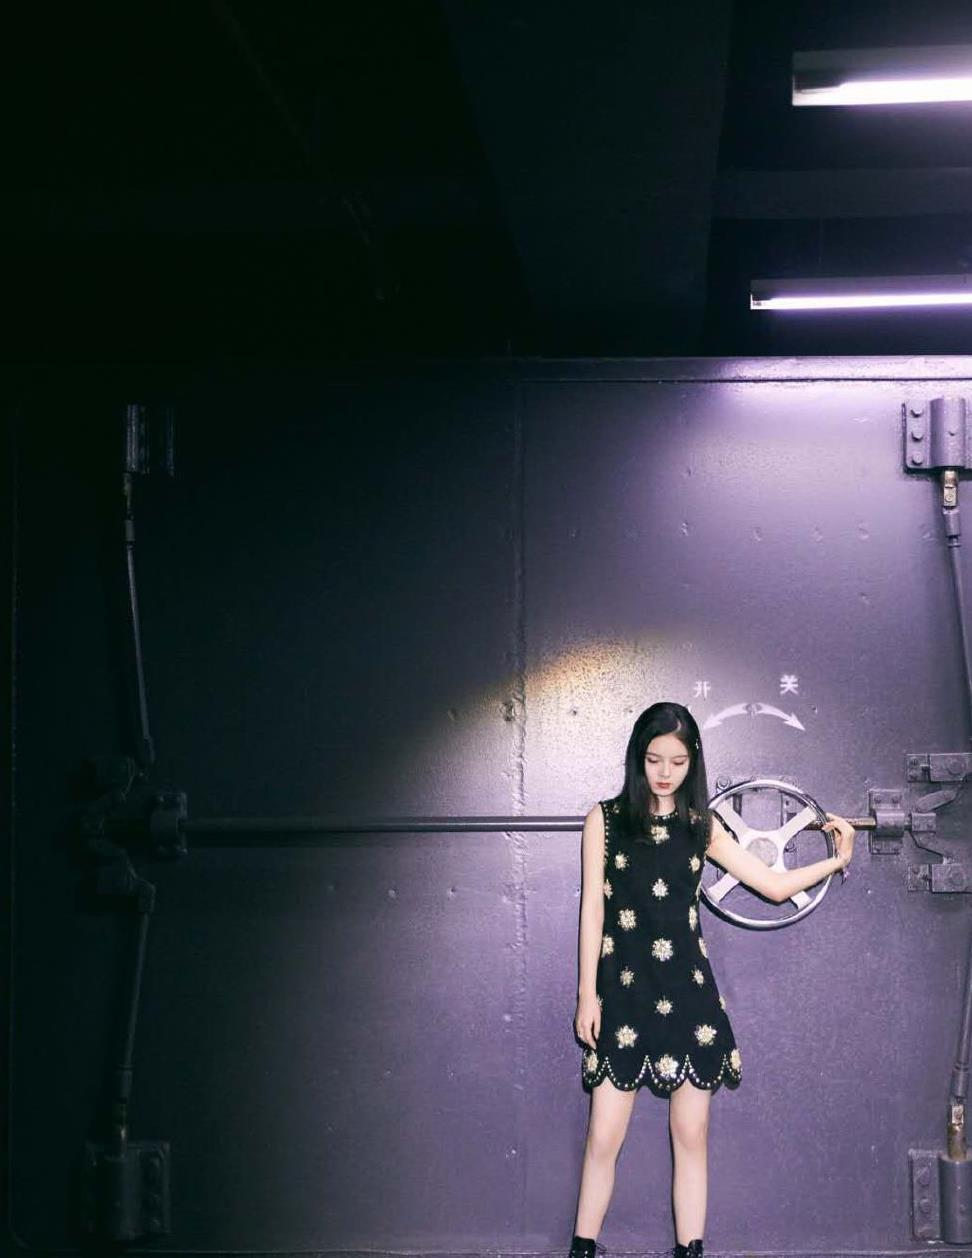 赵今麦身穿黑色无袖裙搭配马丁靴打破常规,复古少女感中增添酷味